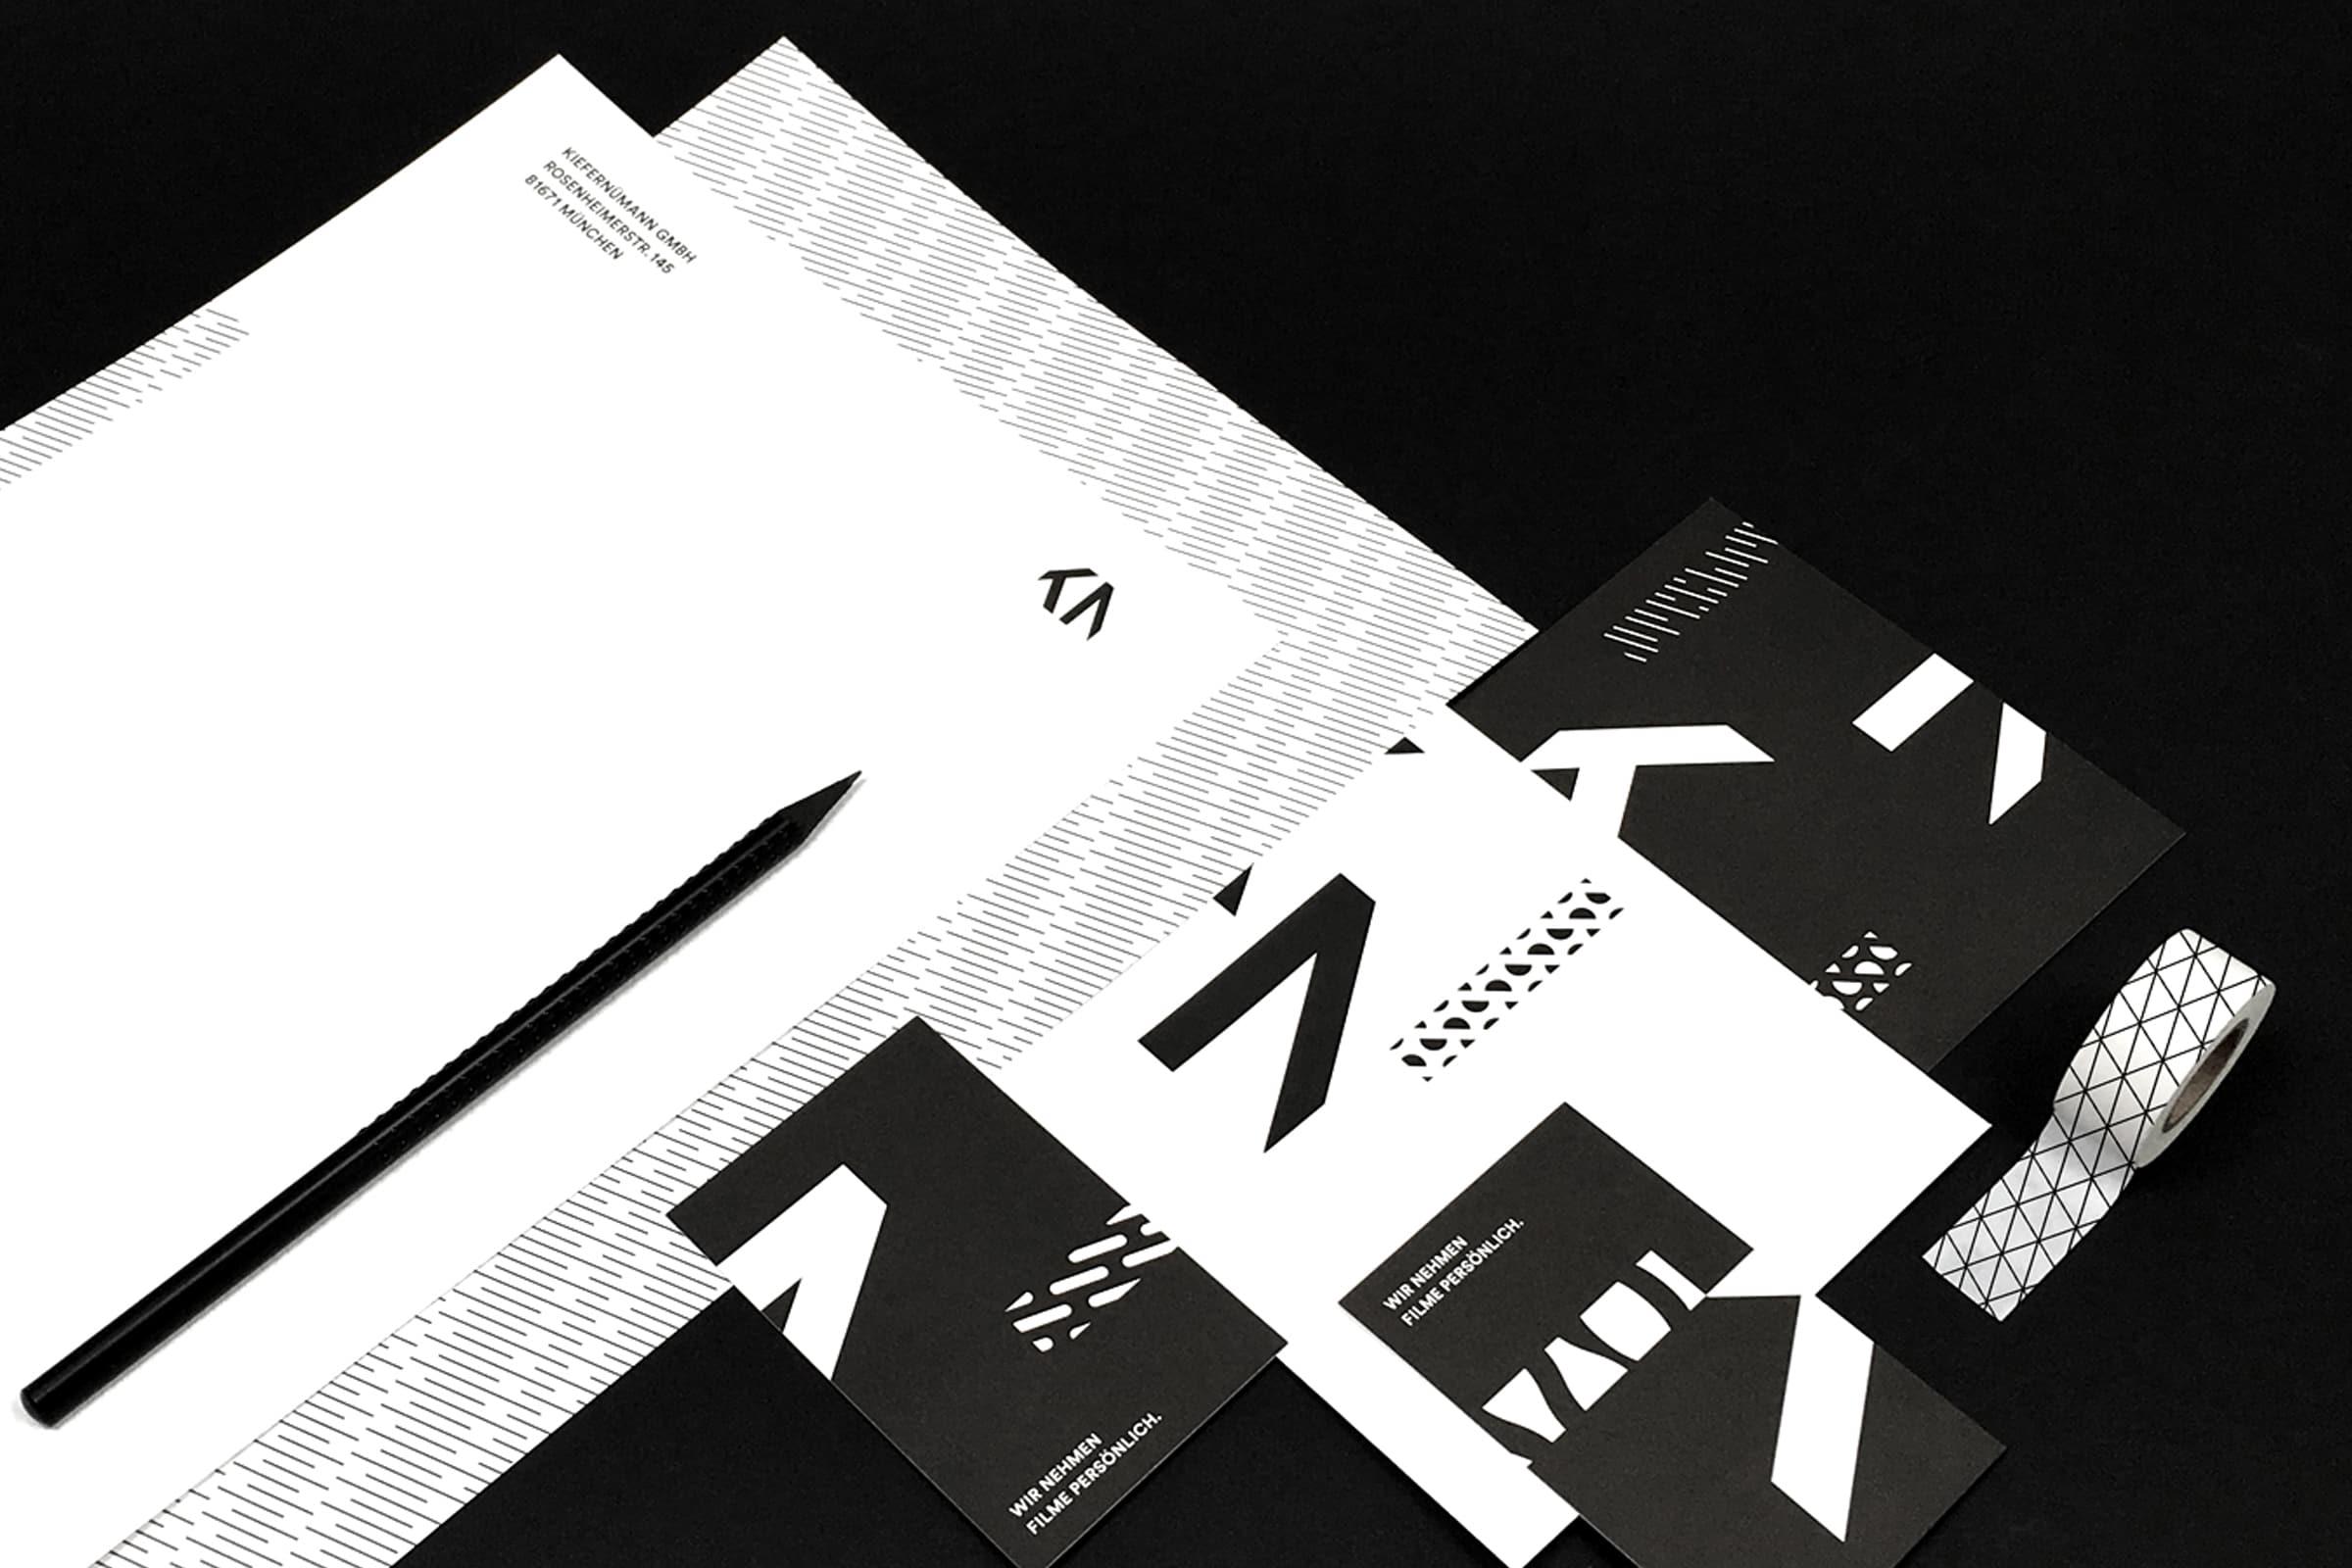 KieferNümann, Geschäftsausstattung, Corporate Design